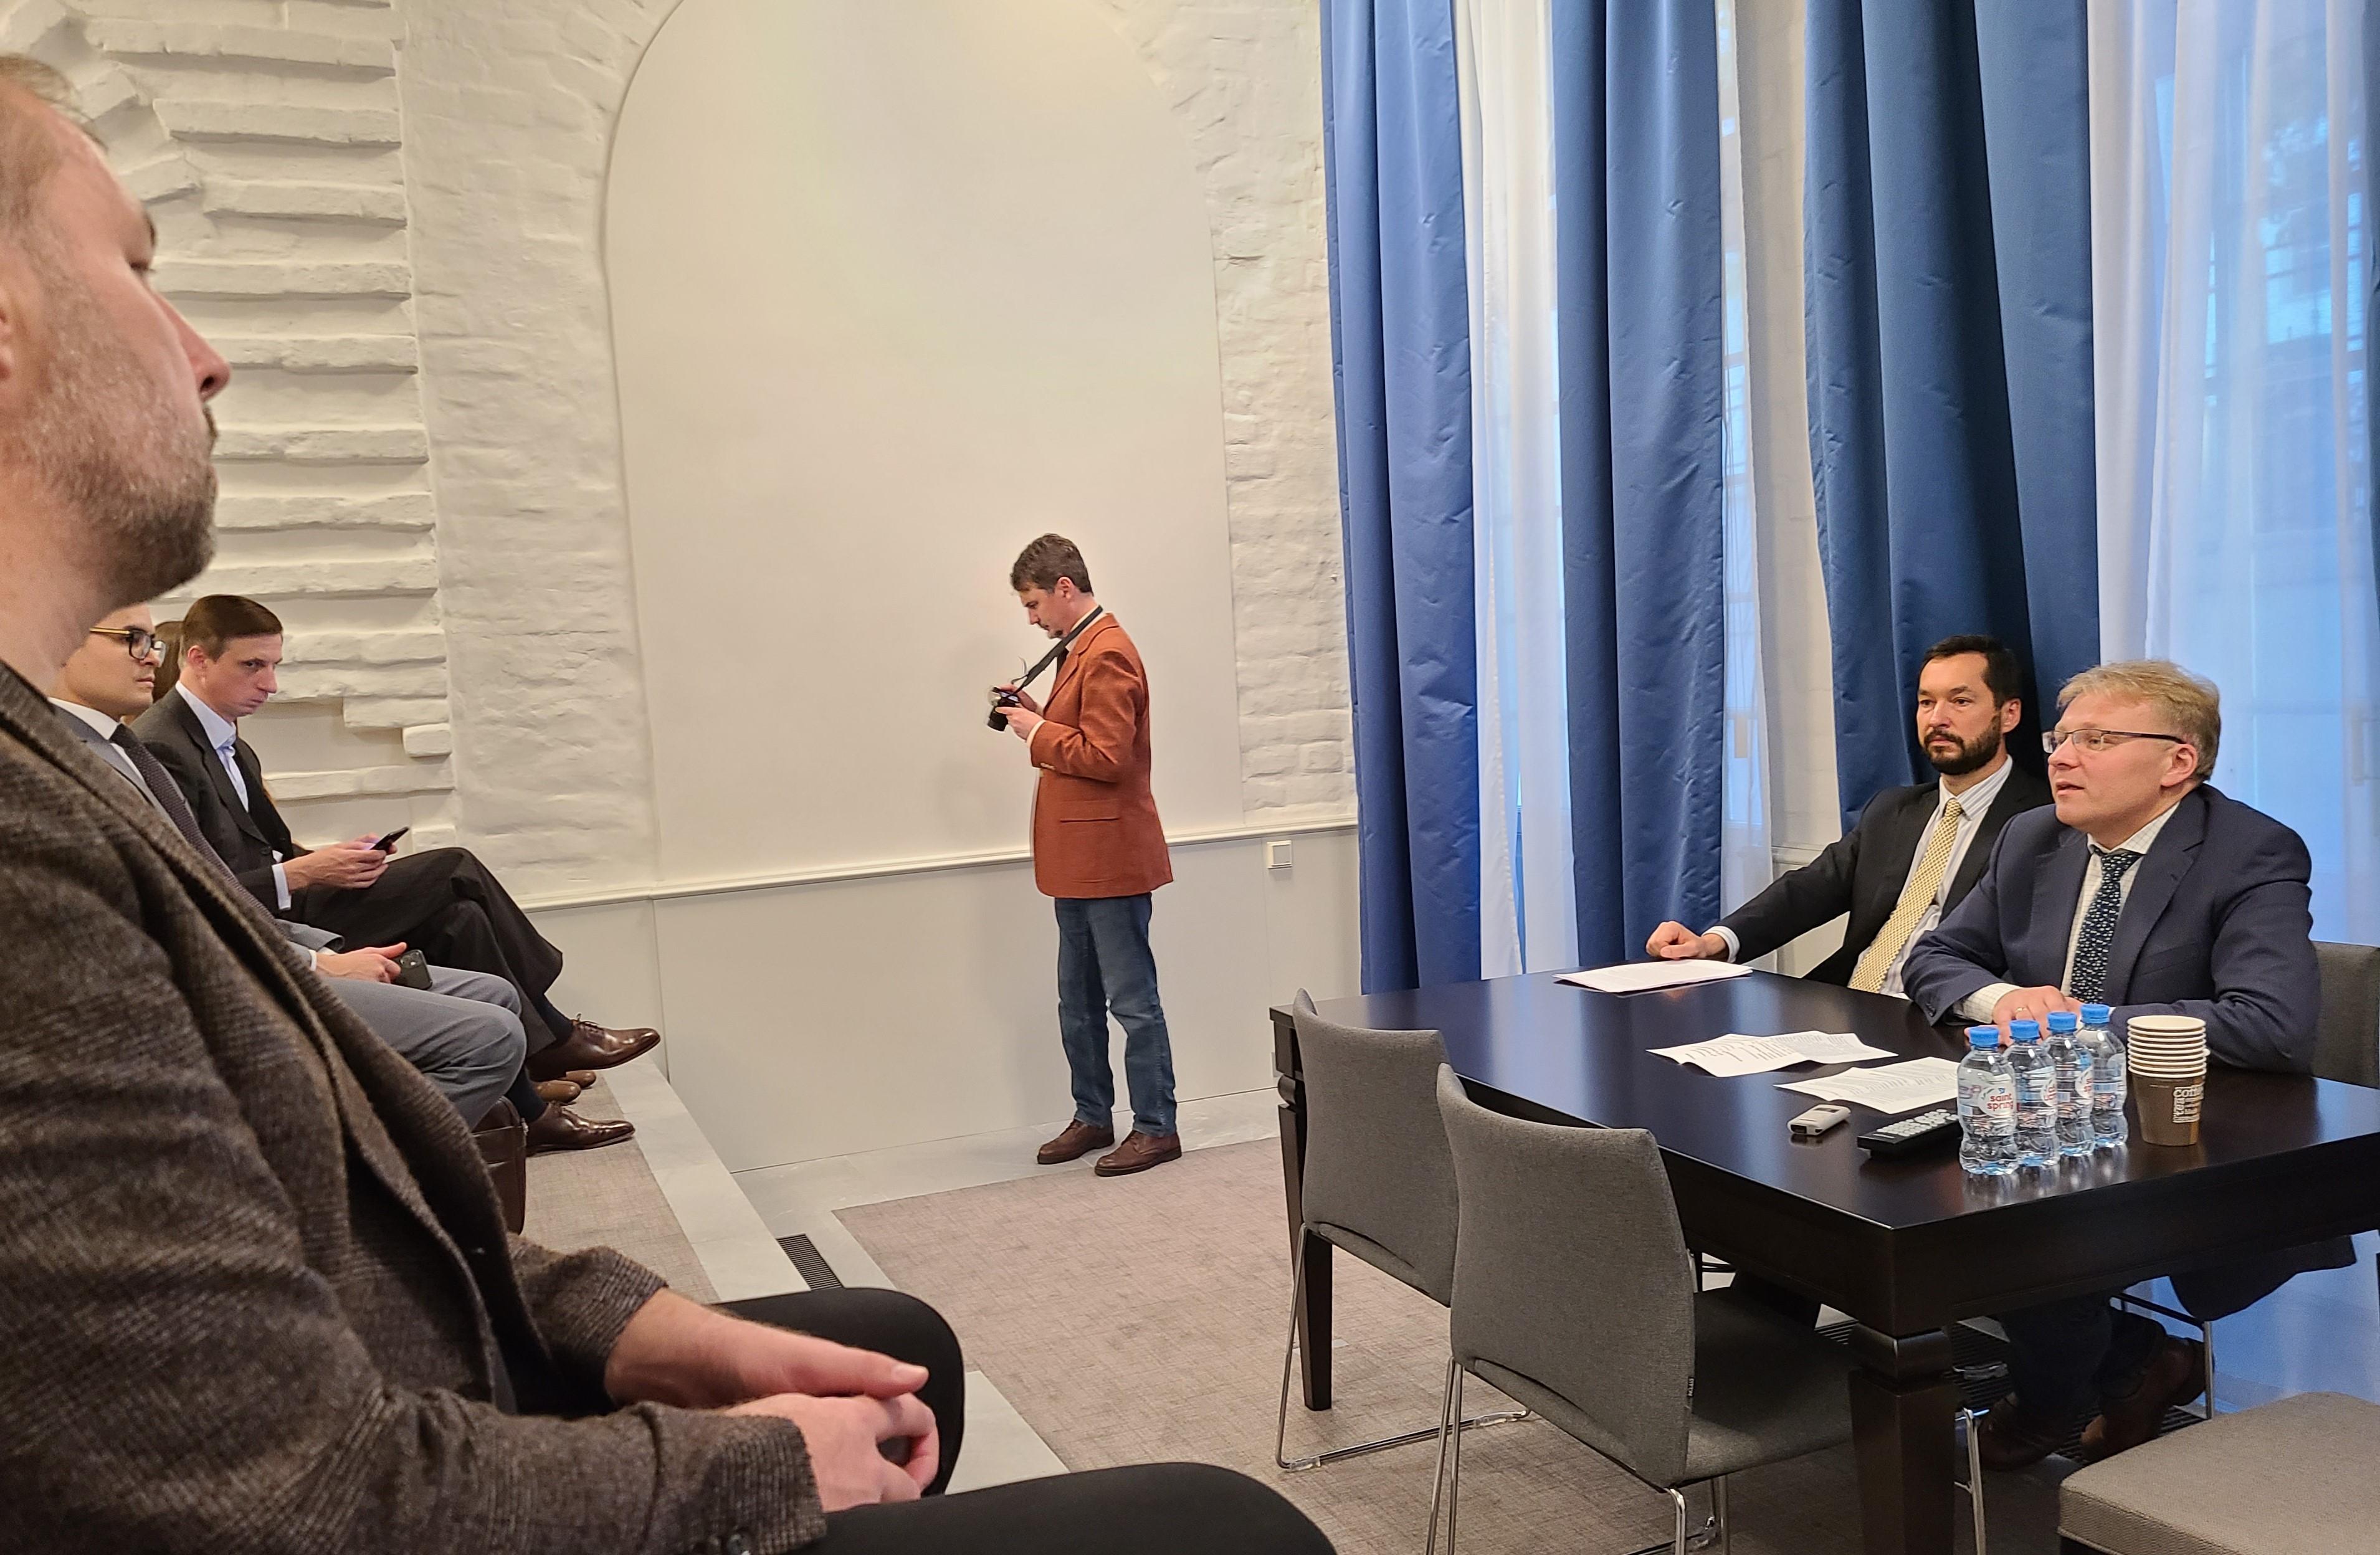 Старообрядцы: проявляется ли истинный парламентаризм в Госдуме